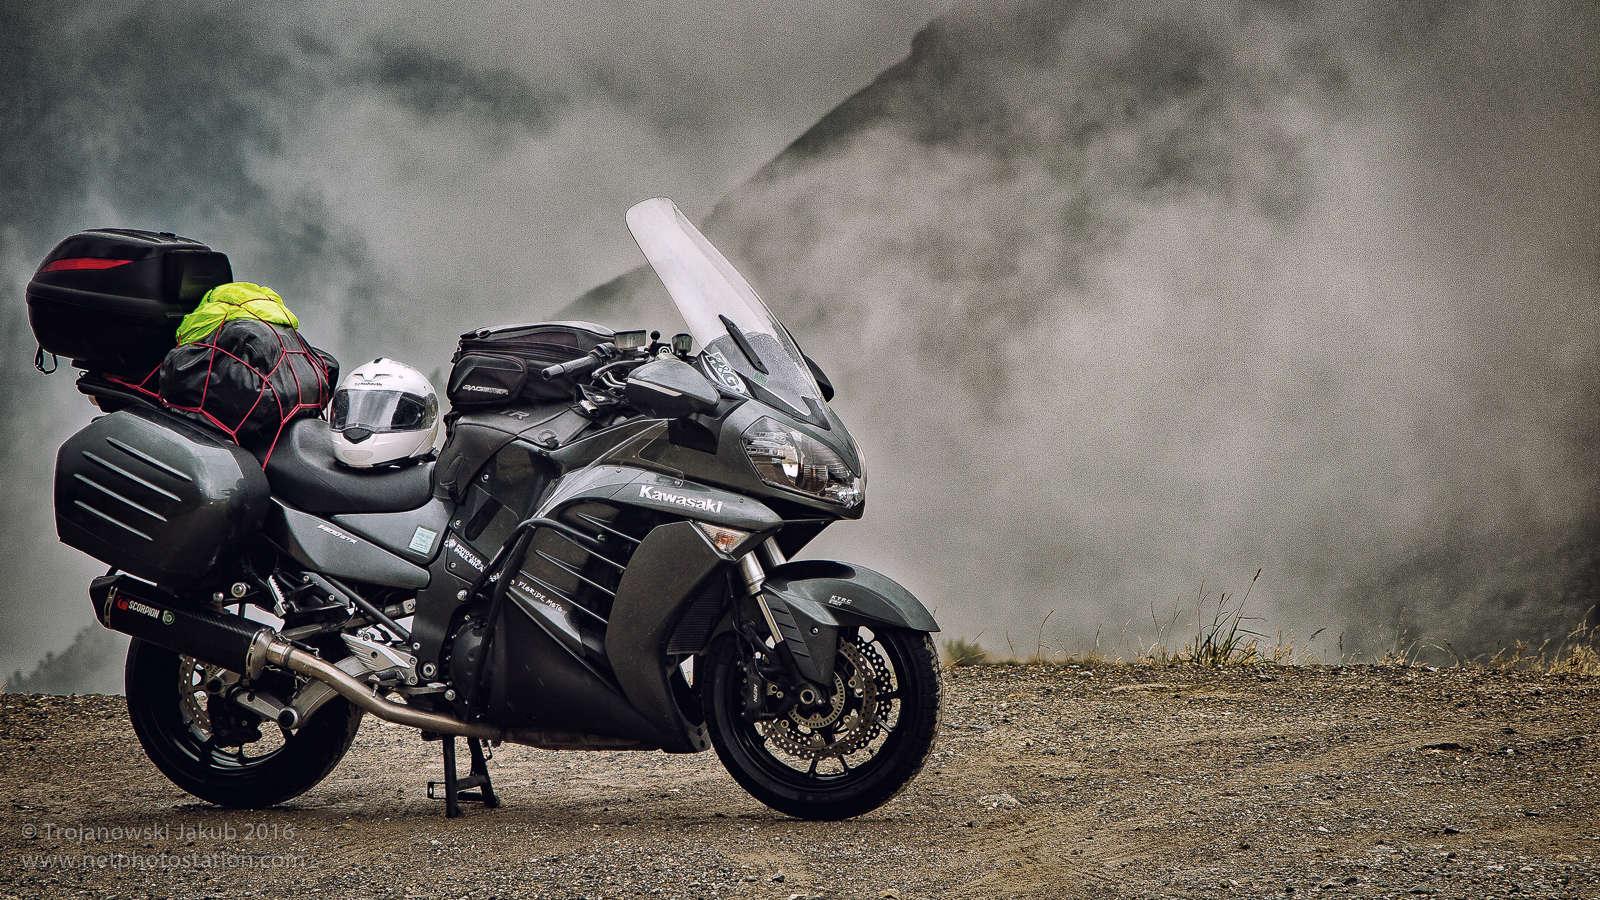 Kawasaki_GTR_1400_Alps.jpg